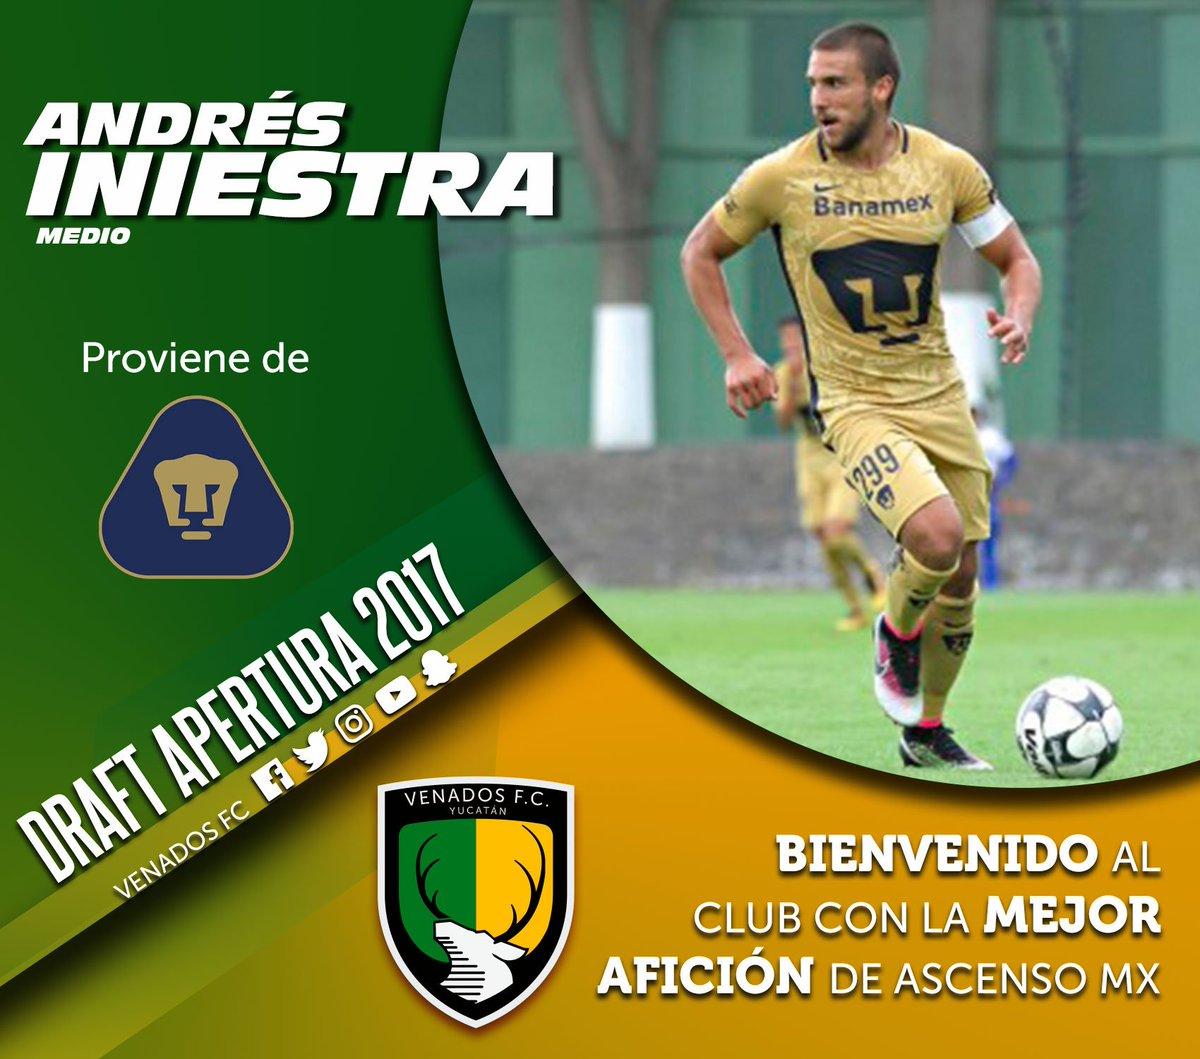 Andrés Iniestra, canterano auriazul y ex-seleccionado nacional sub-21, se enfunda nuestra playera. ¡Bienvenido a tu nueva casa, lobo!